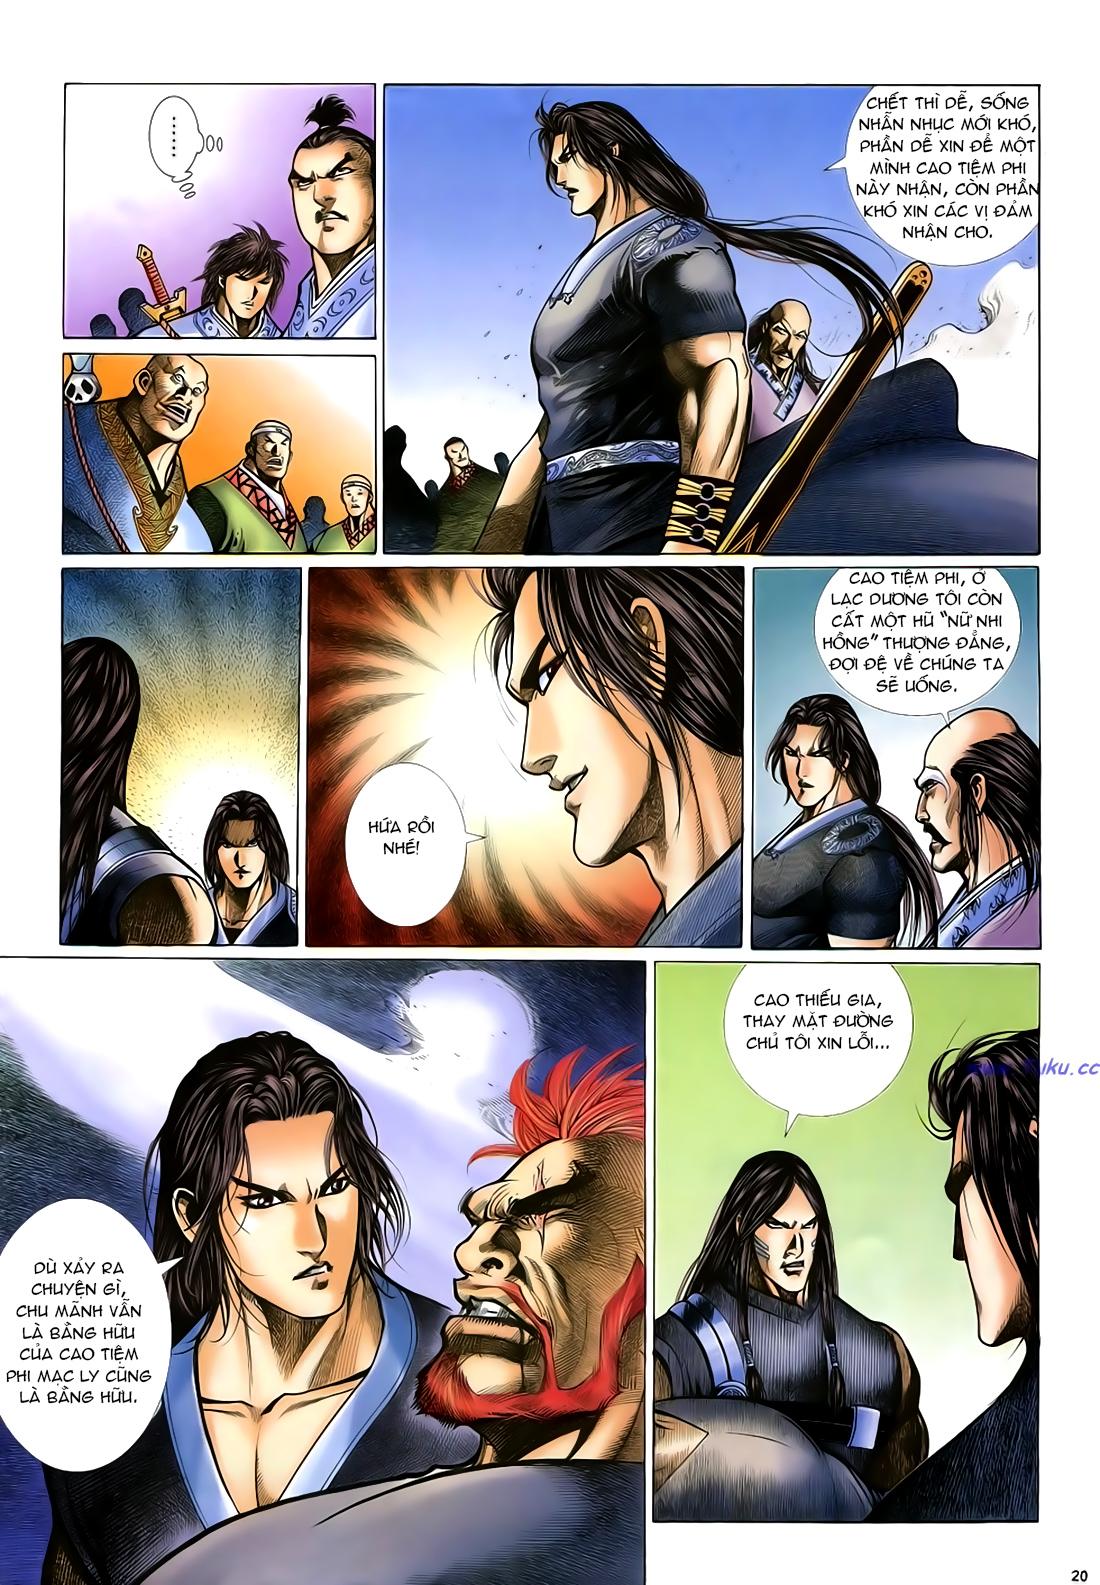 Anh hùng vô lệ Chap 24 trang 21